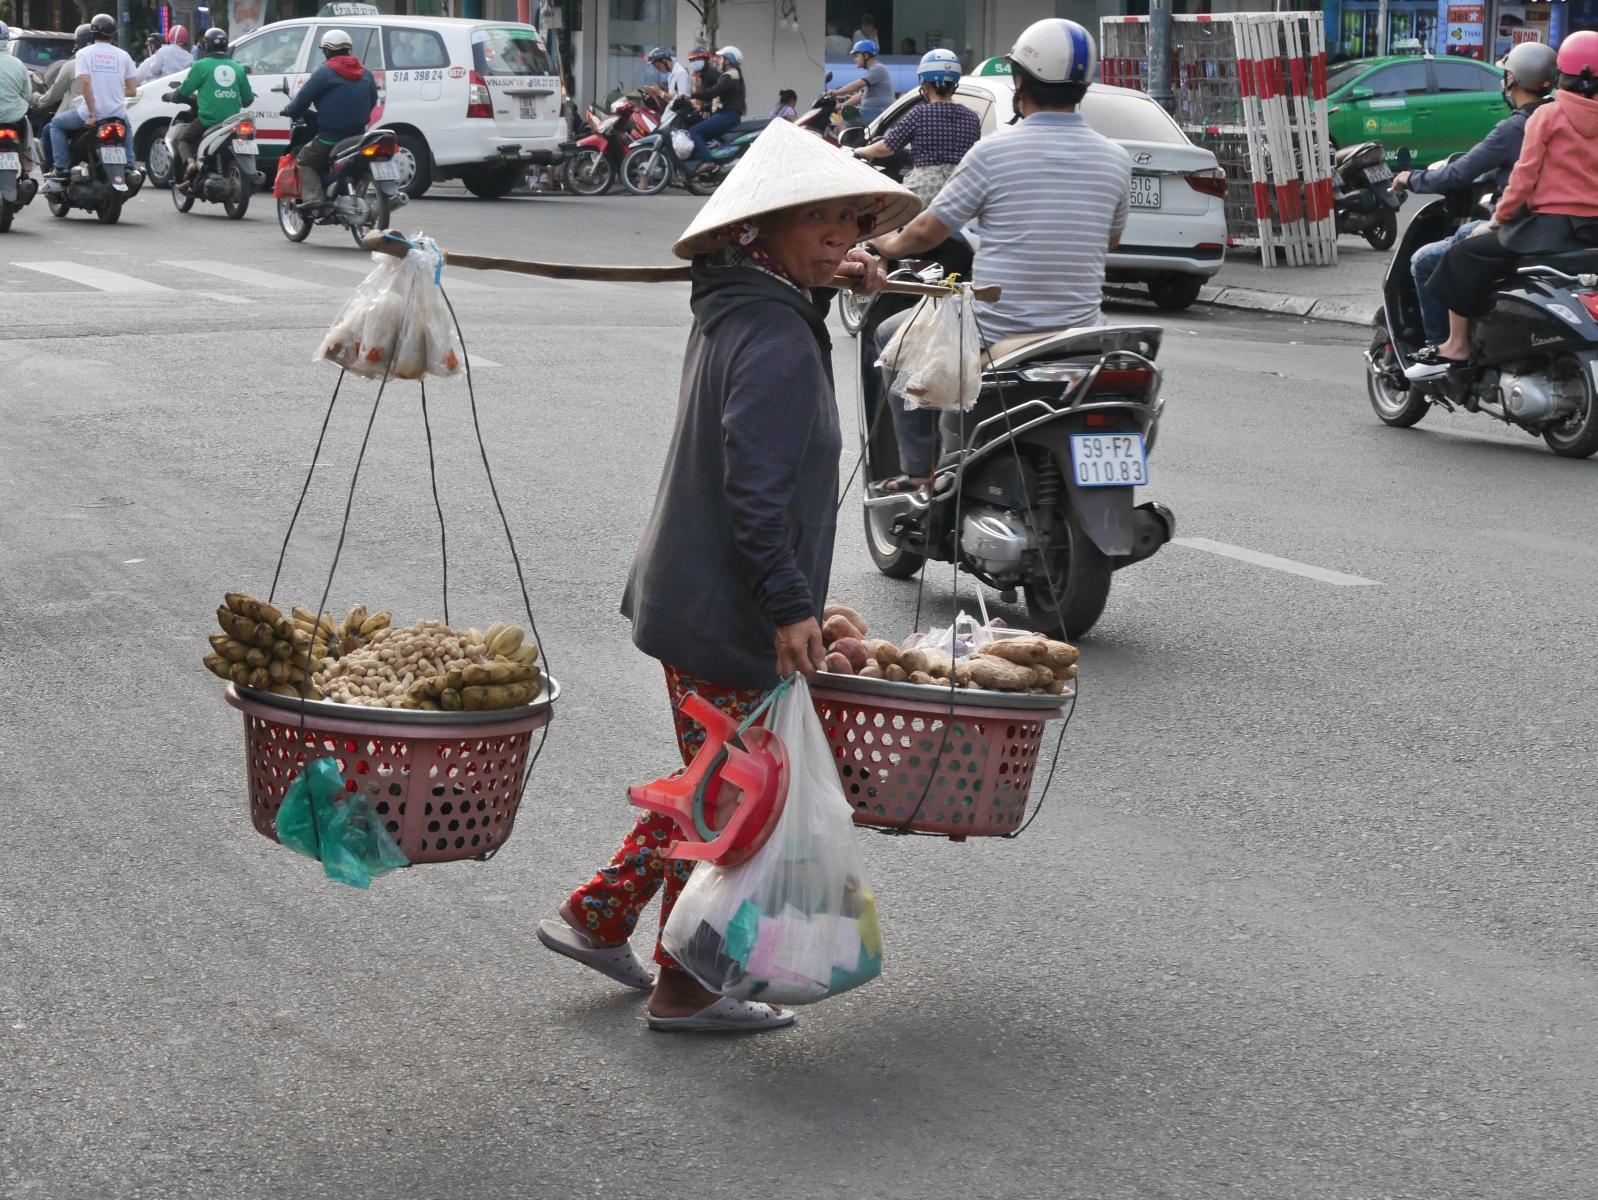 Selten, aber immer noch im Straßenbild zu sehen eine klassische Art des Lastentragens